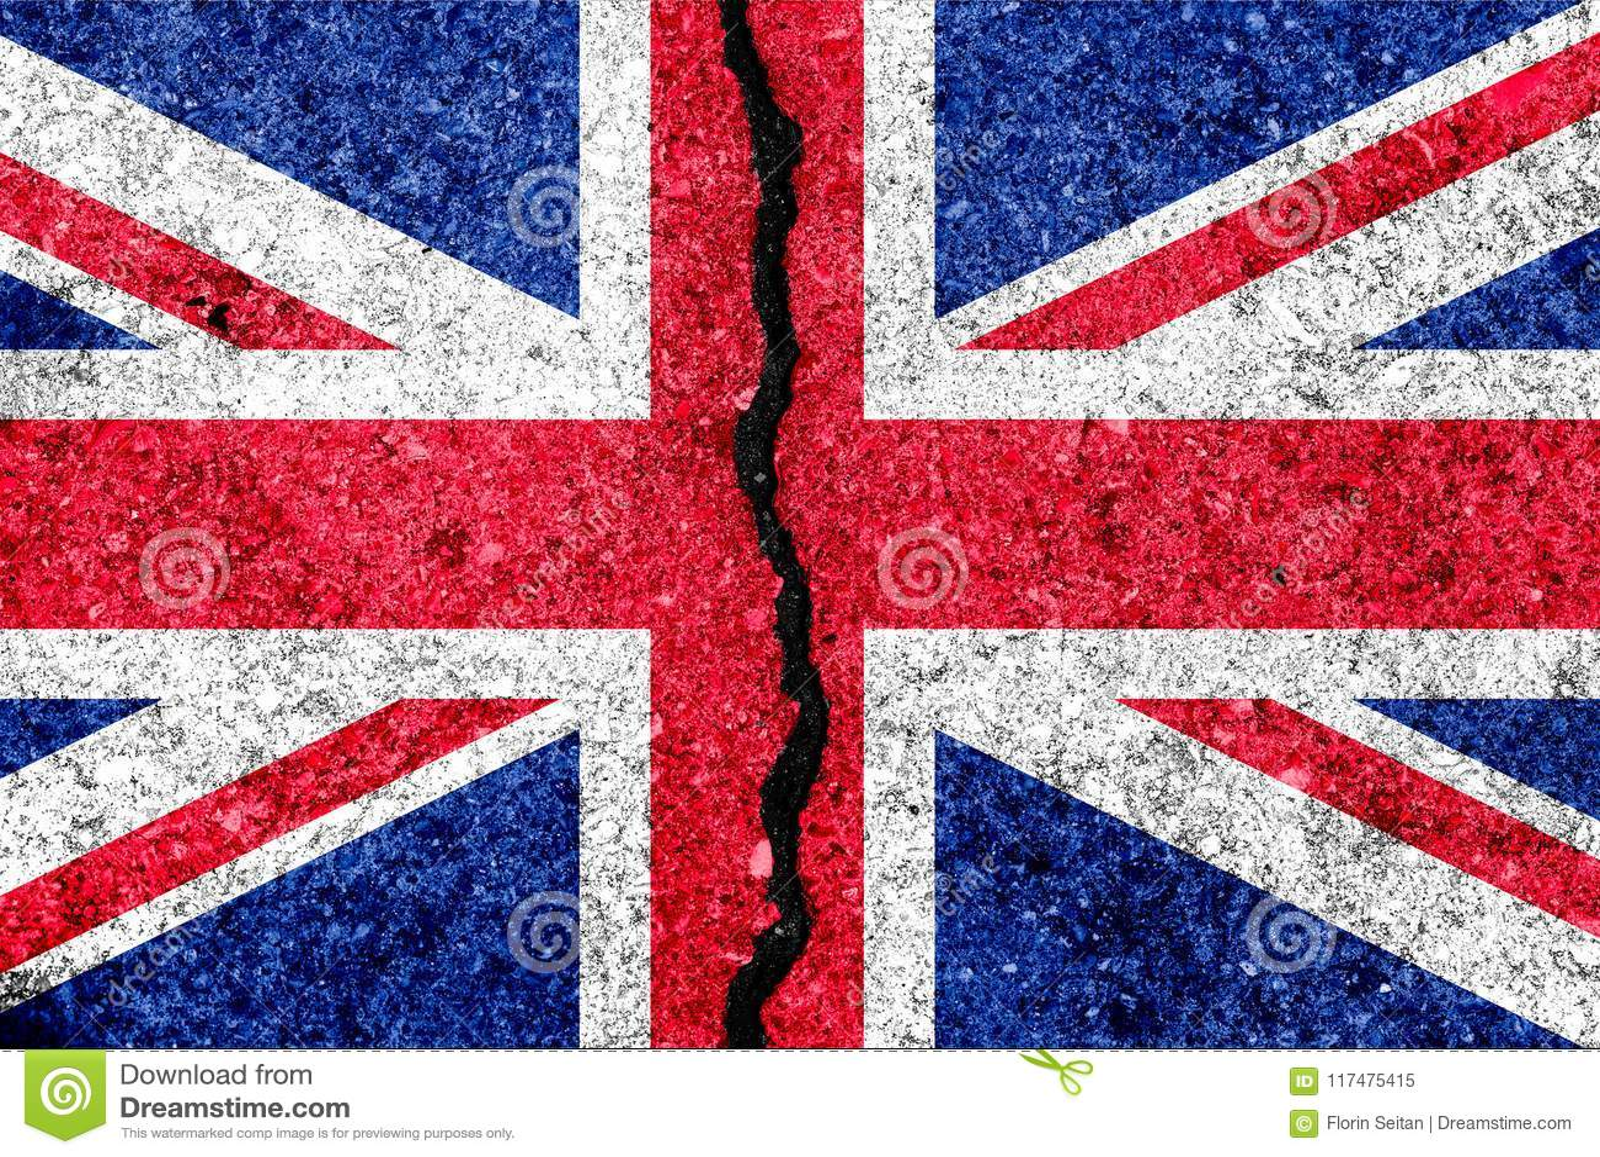 Bandiera della Gran Bretagna, conosciuta come Union Jack, dipinto sulla parete incrinata